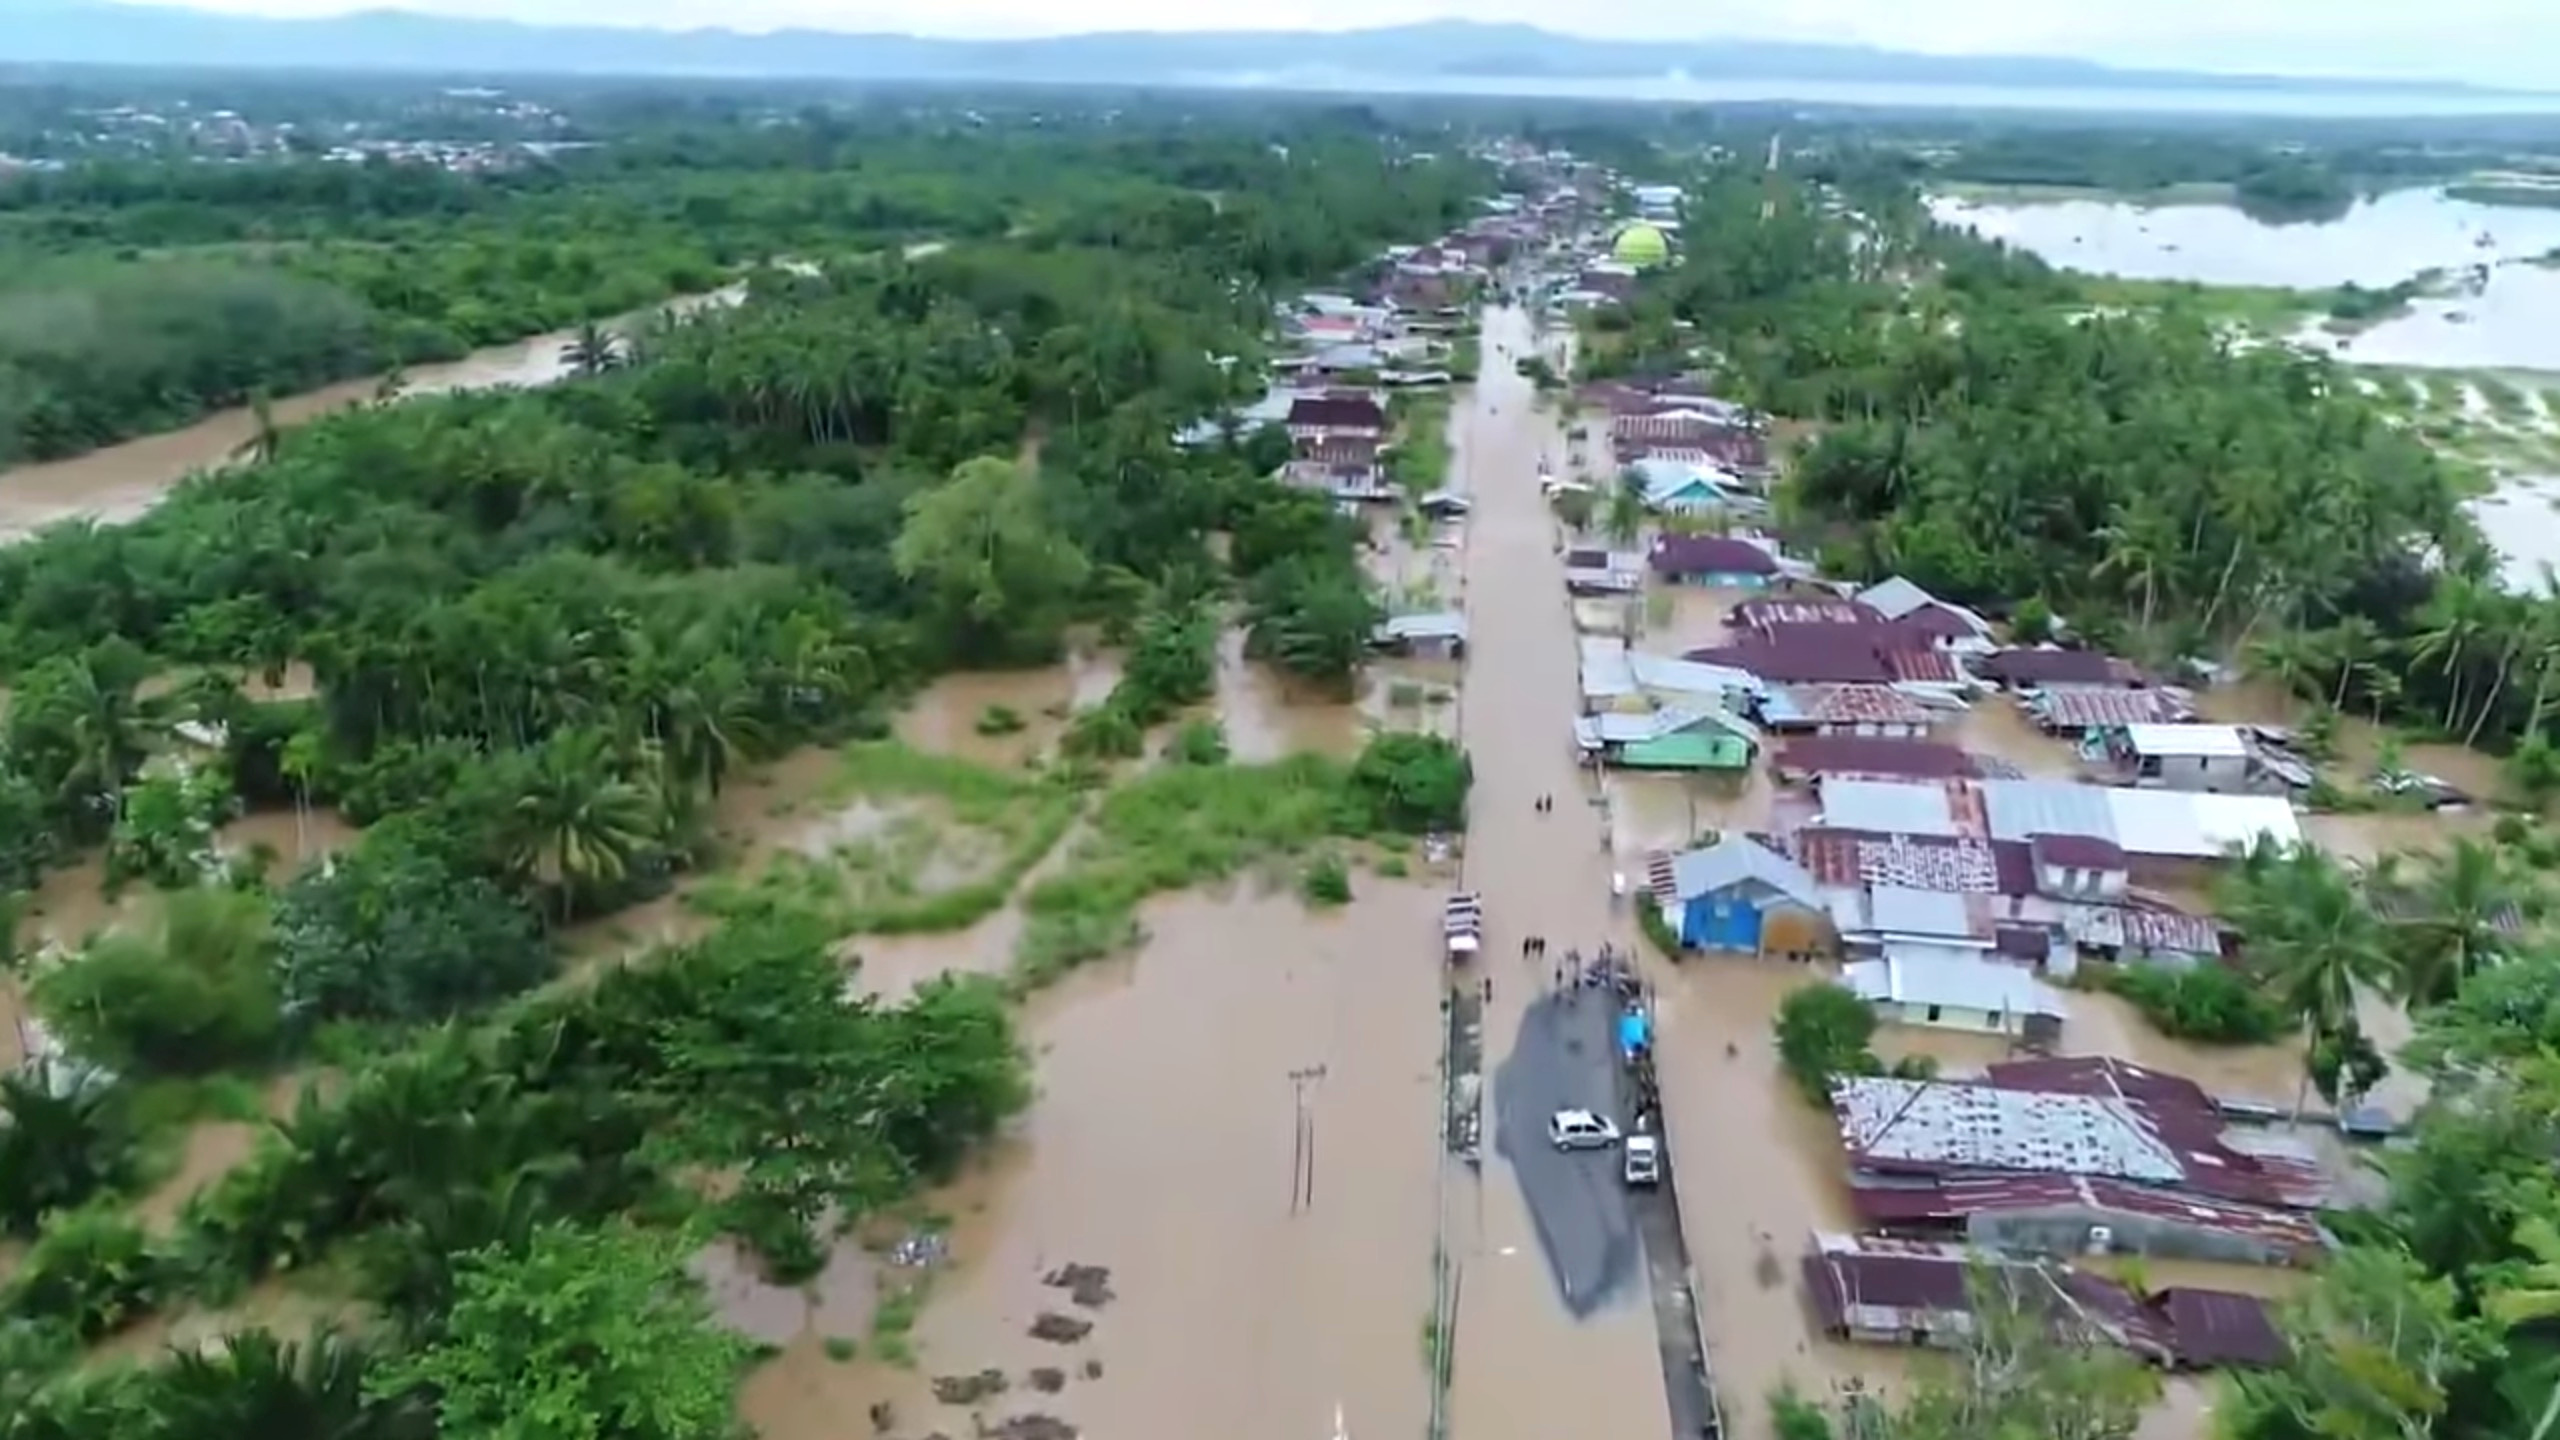 صور.. إندونيسيا تغرق فى مياه الفيضانات ومقتل 31 شخصا - اليوم السابع